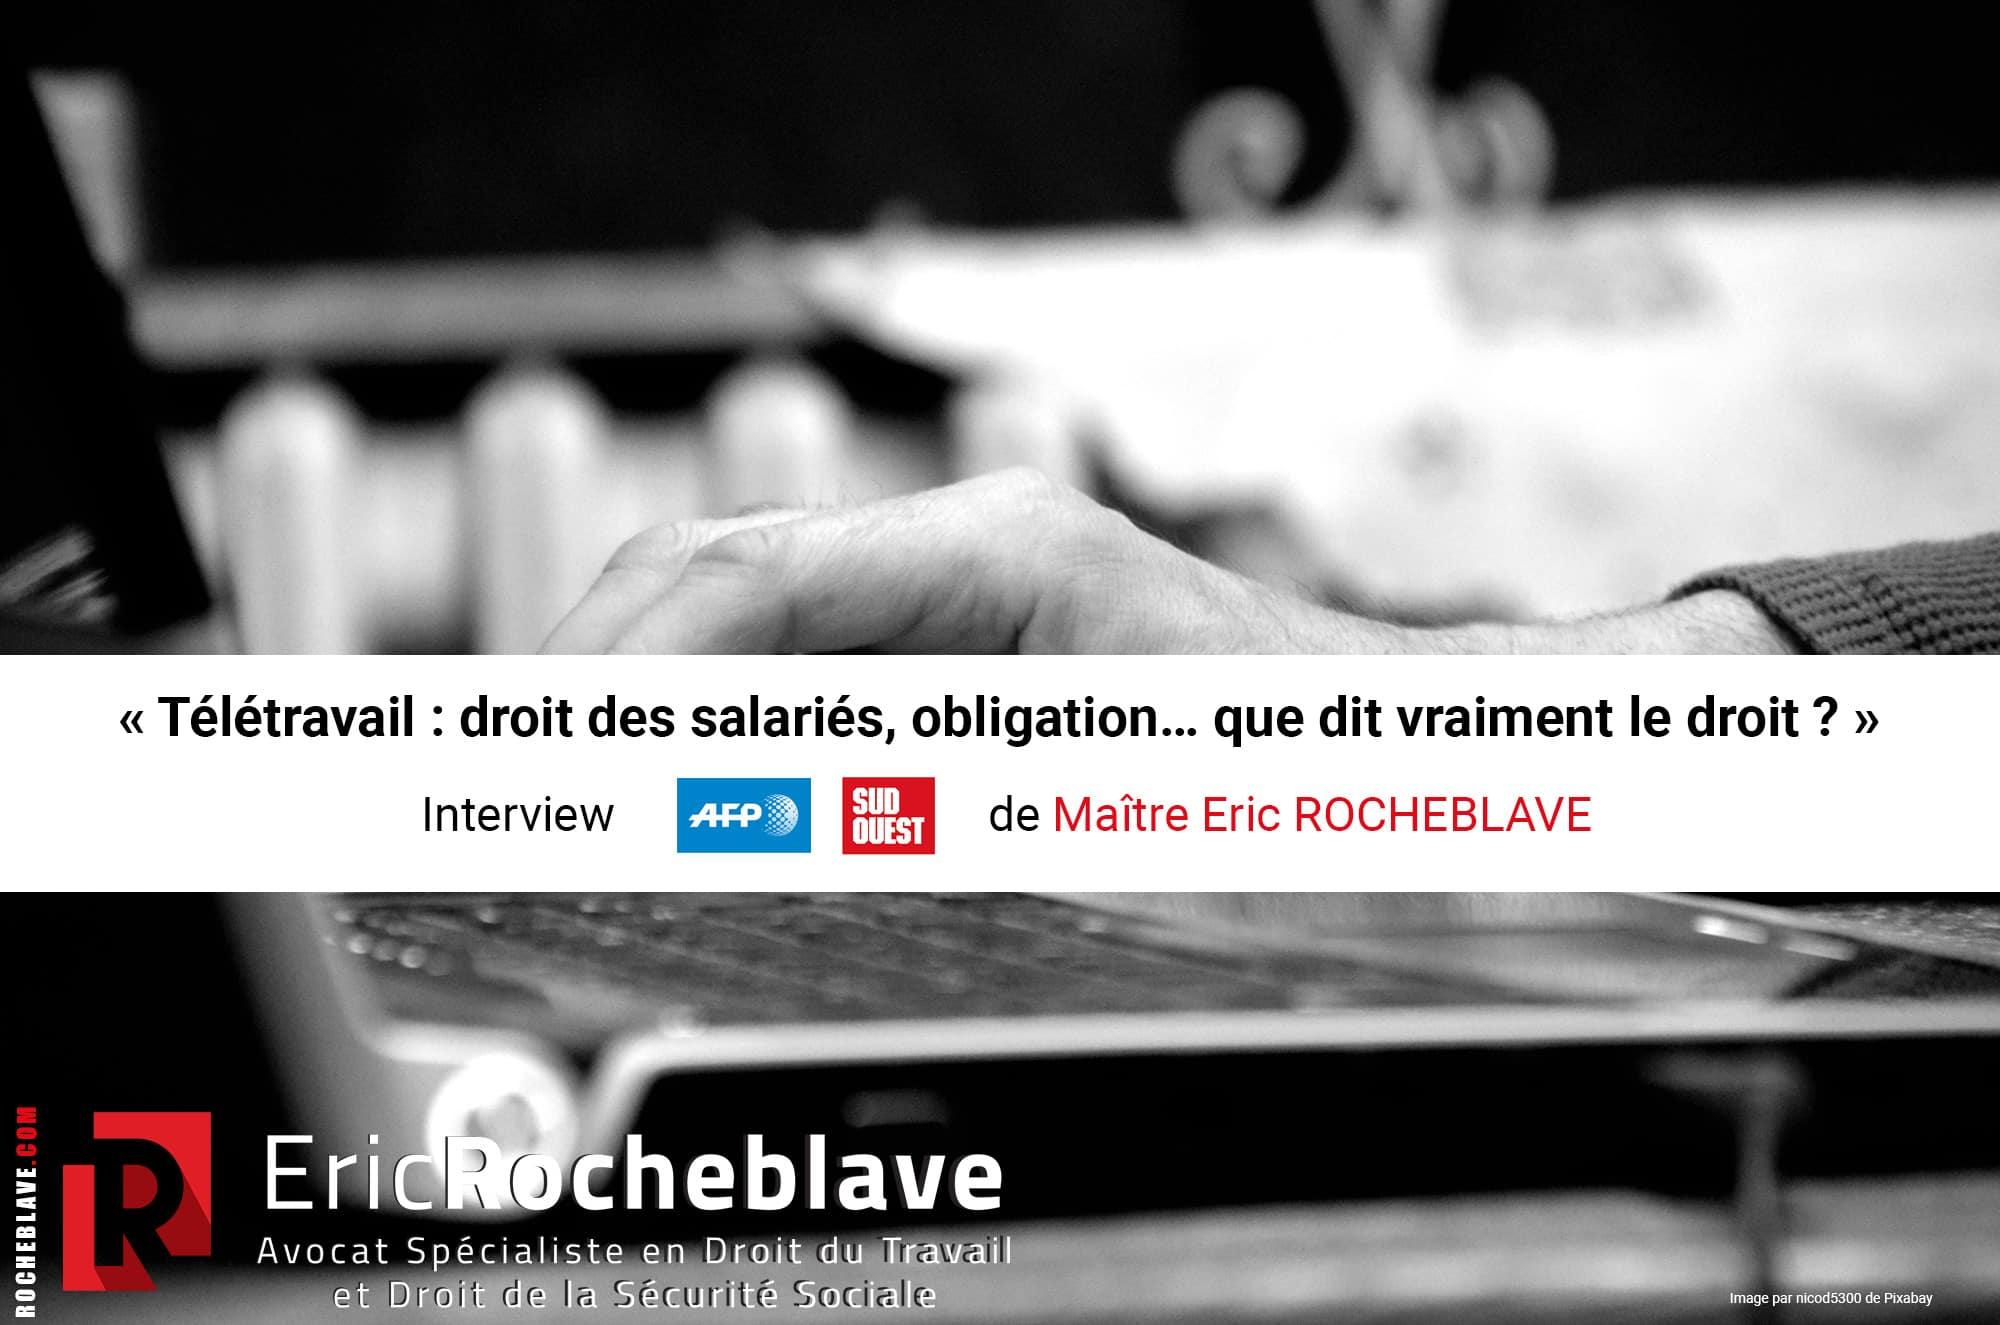 « Télétravail : droit des salariés, obligation… que dit vraiment le droit ? » Interview AFP de Maître Eric ROCHEBLAVE